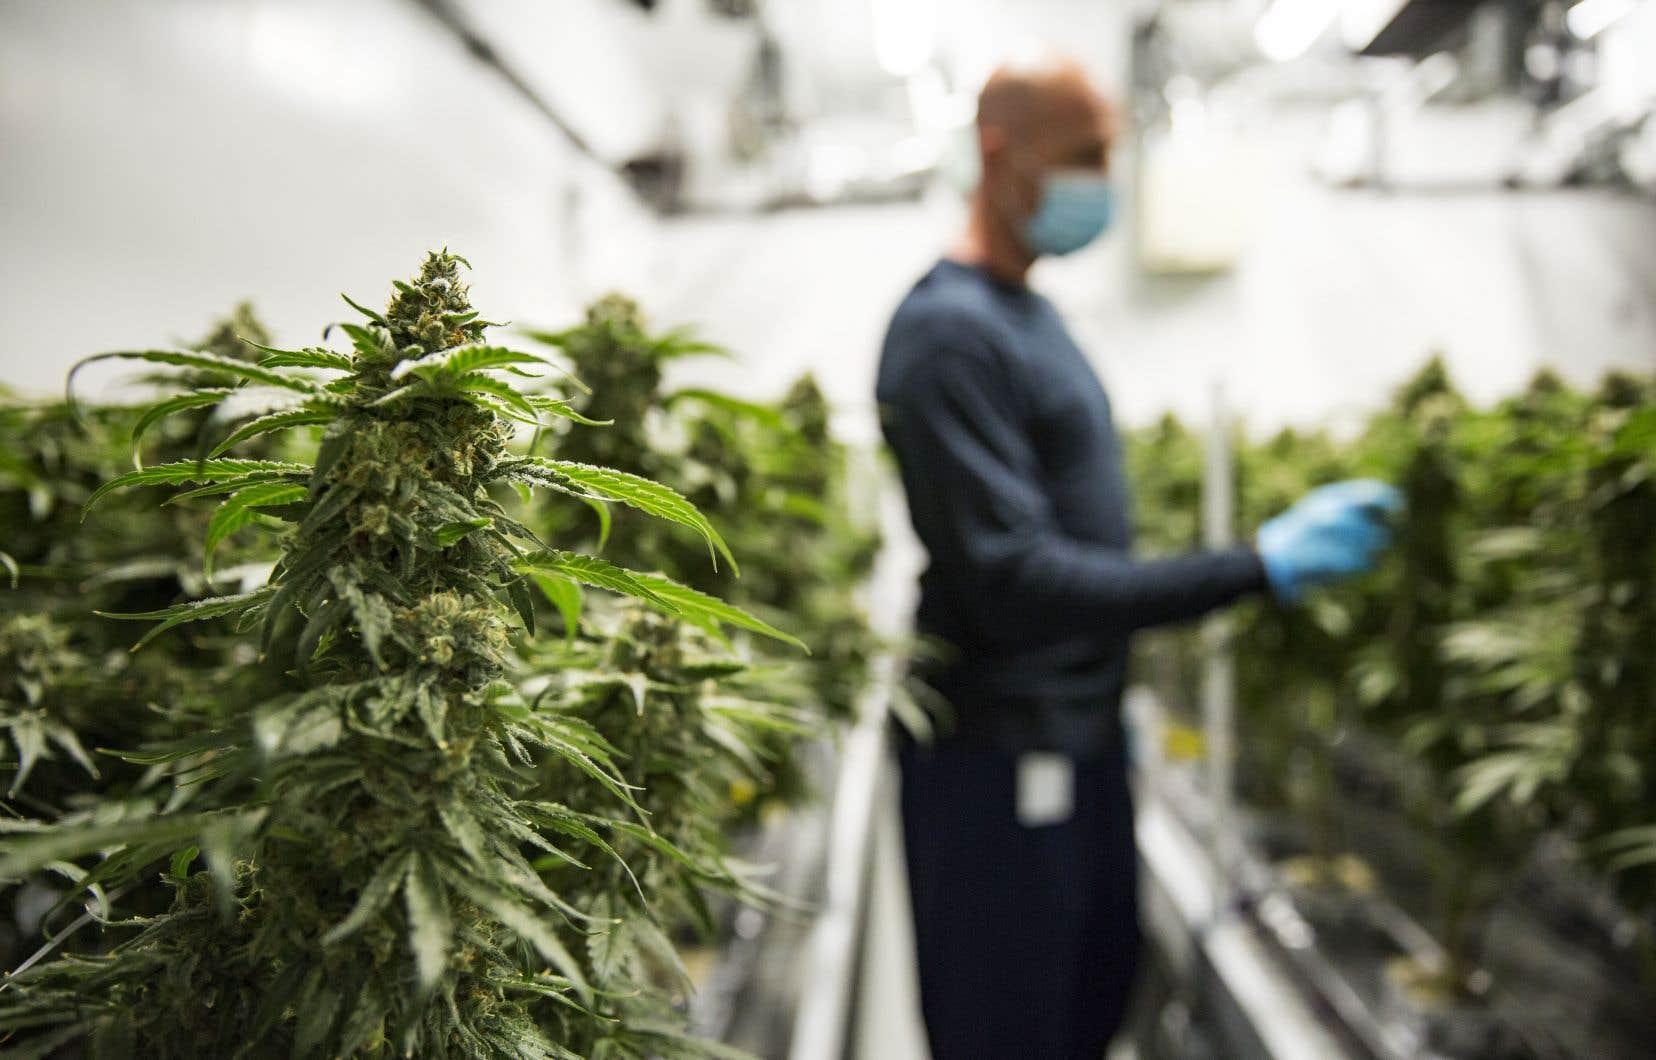 Le secteur du cannabis, tout comme celui des cryptomonnaies et de la technologie, sont parmis les fonds négociés en bourse les plus populaires, qui sont prisés par les investisseurs autonomes.